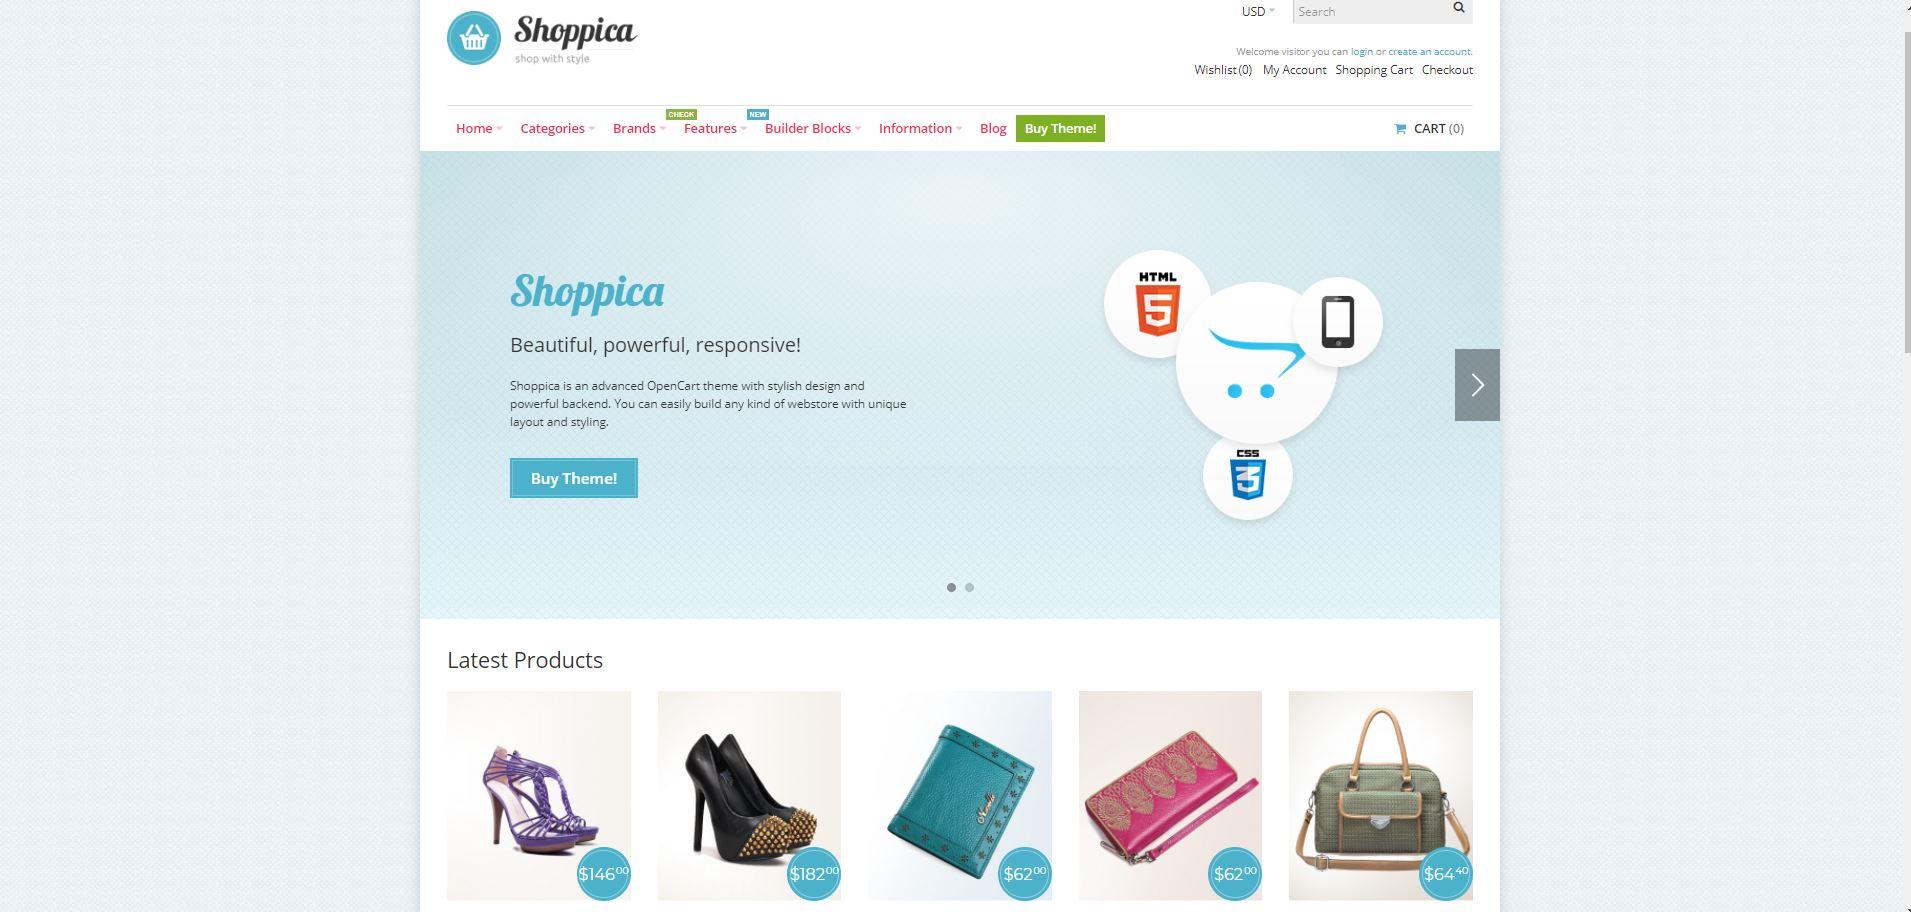 Shoppica